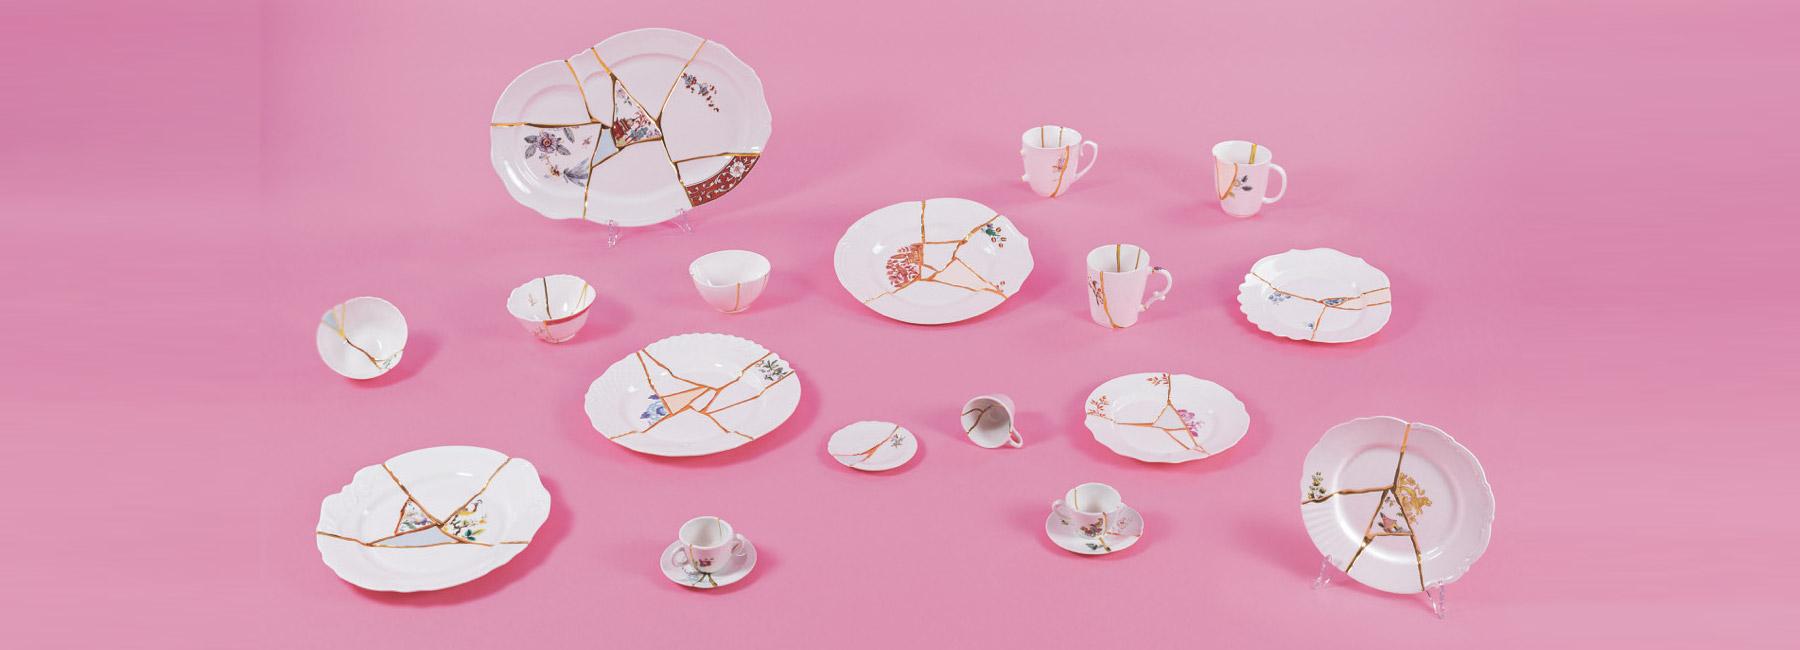 Kintsugi, la collezione di Marcantonio per Seletti ispirata al Giappone | Collater.al cover